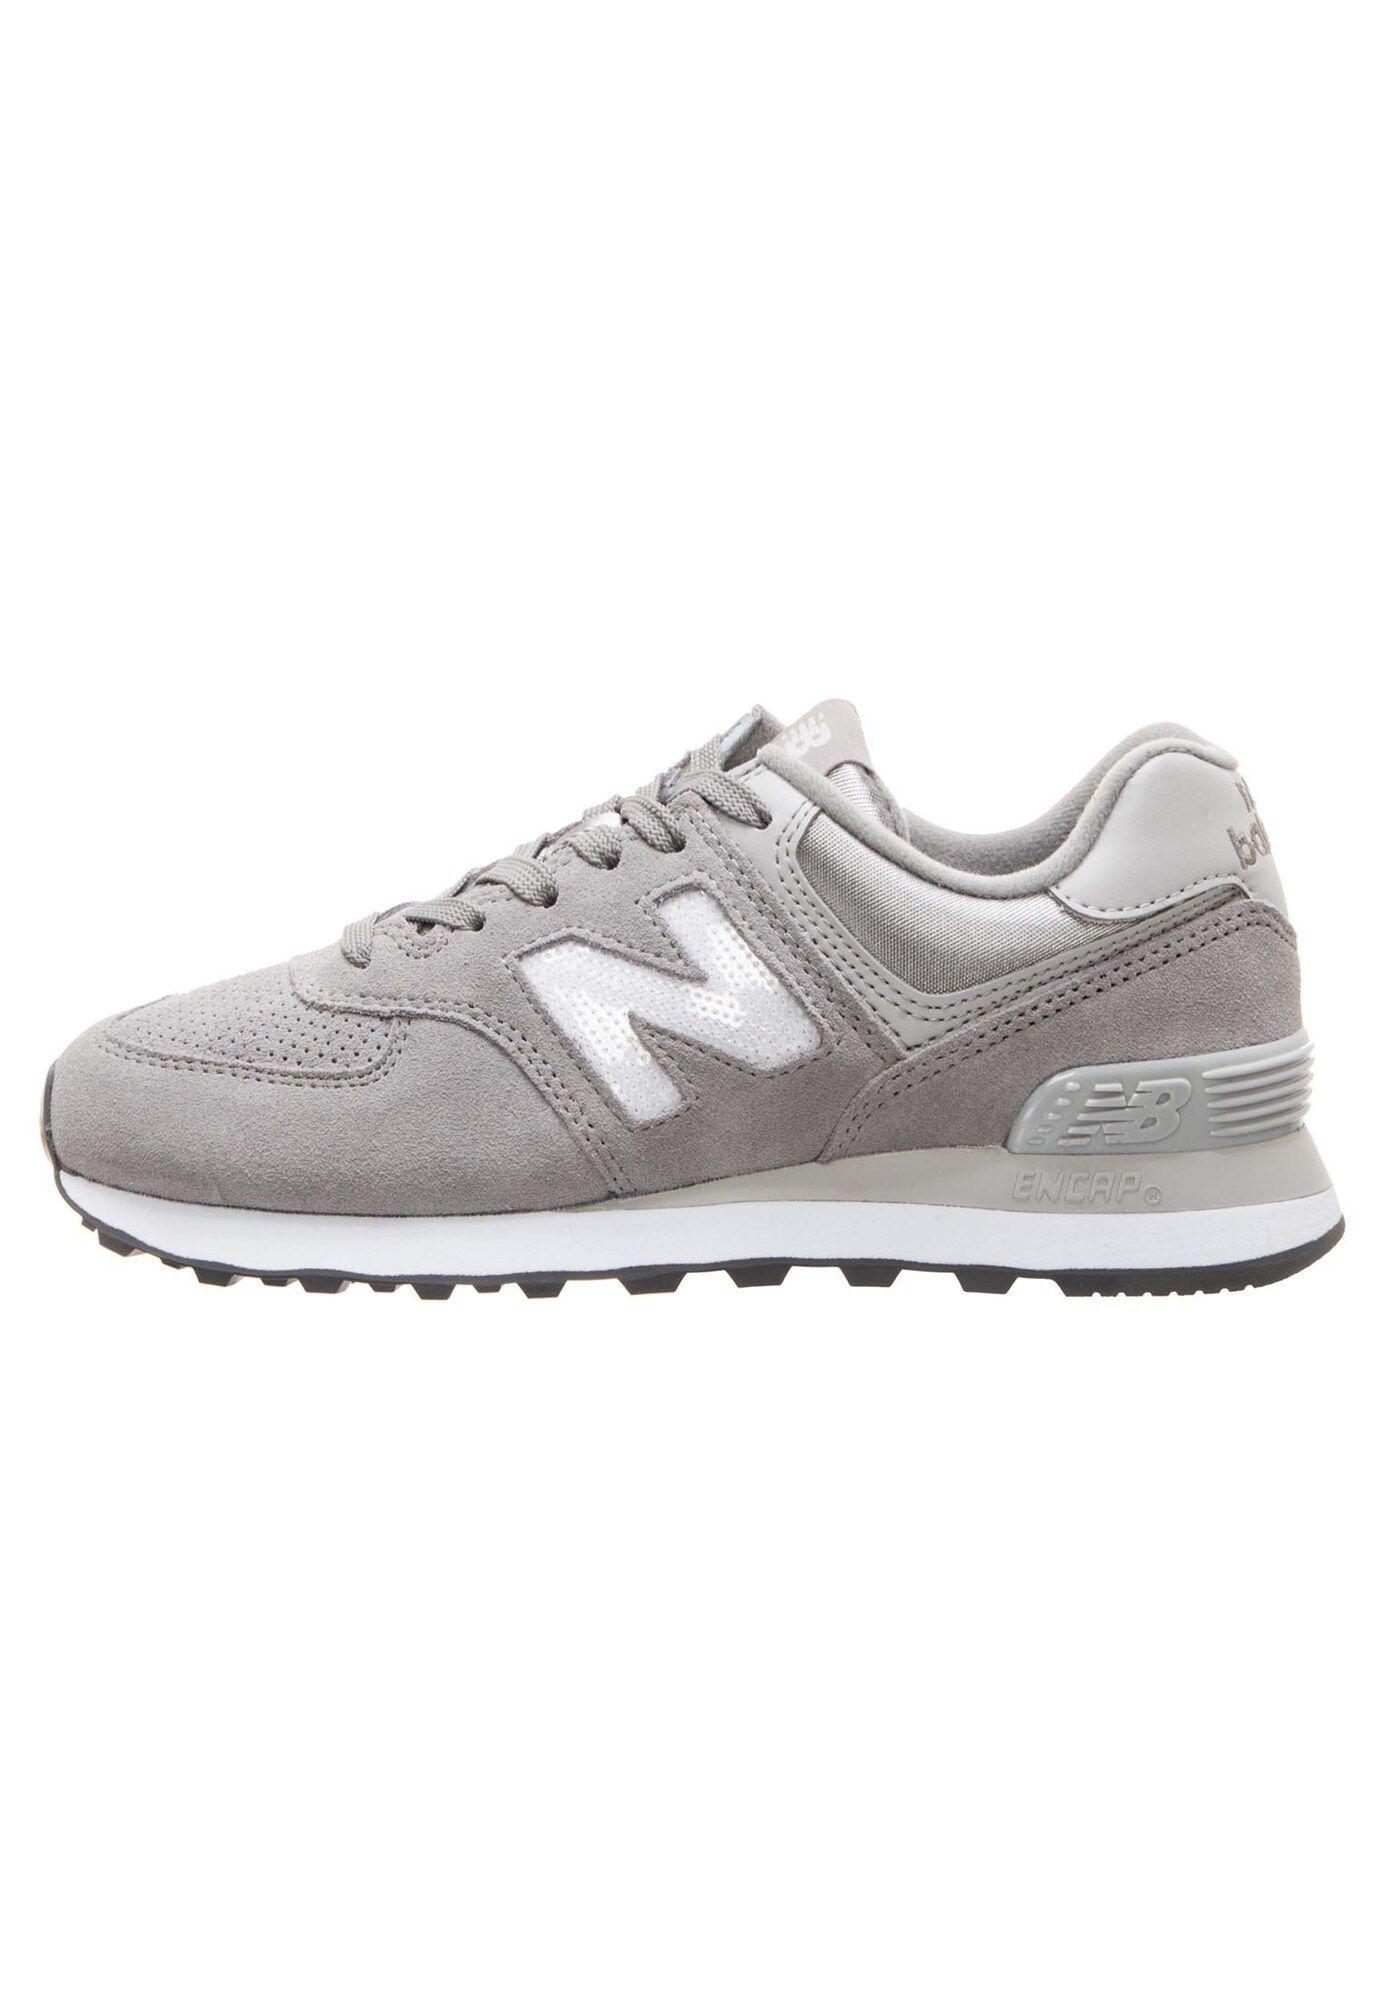 New Balance Sneaker 'WL574-FHC-B' Damen, Grau / Weiß, Größe ...